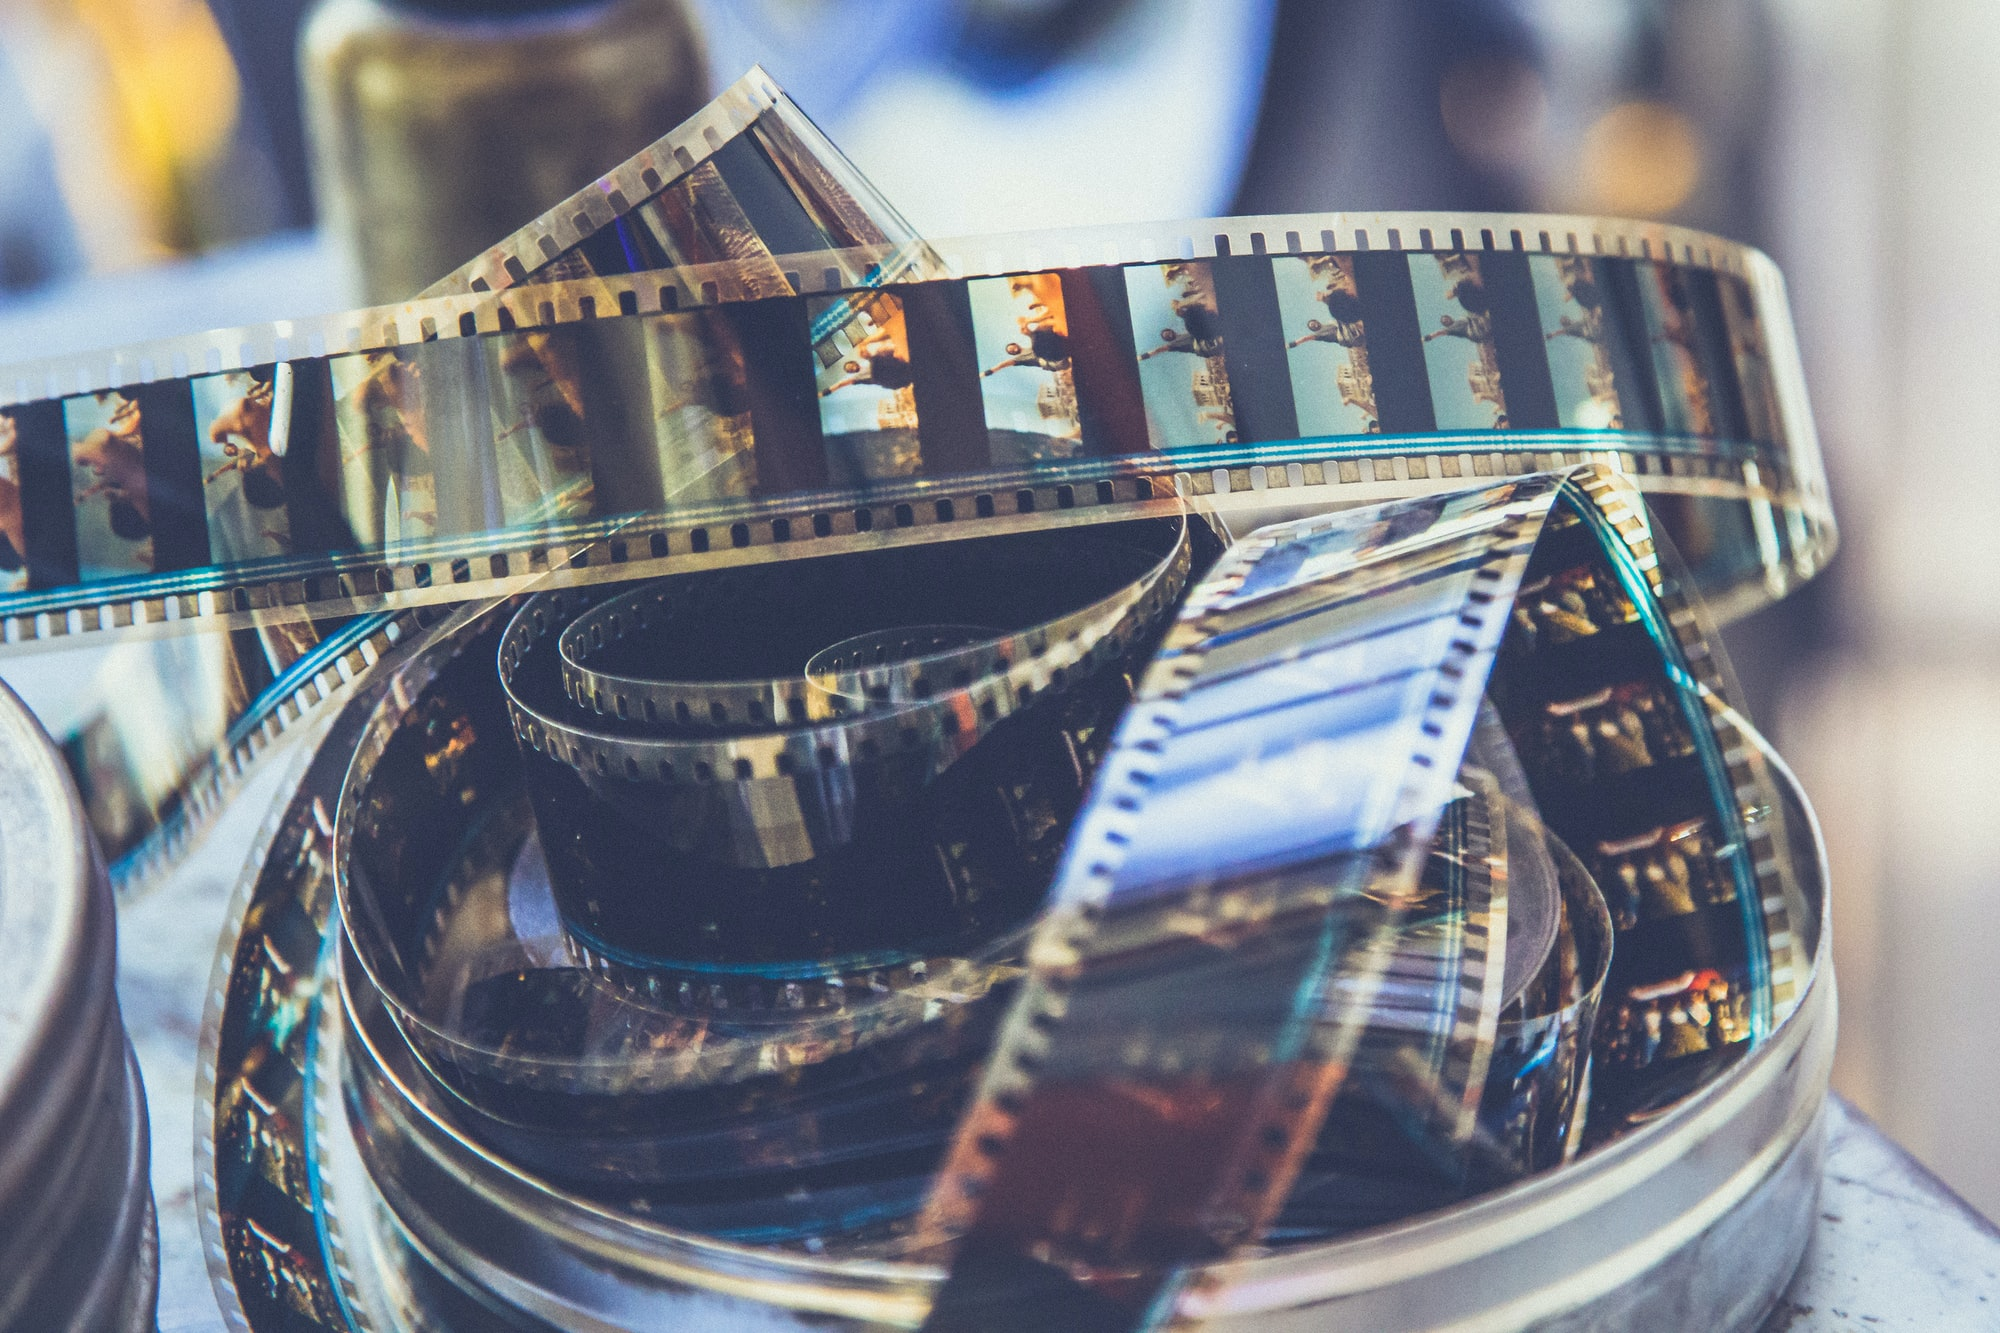 Структура и драматургия истории для фильма